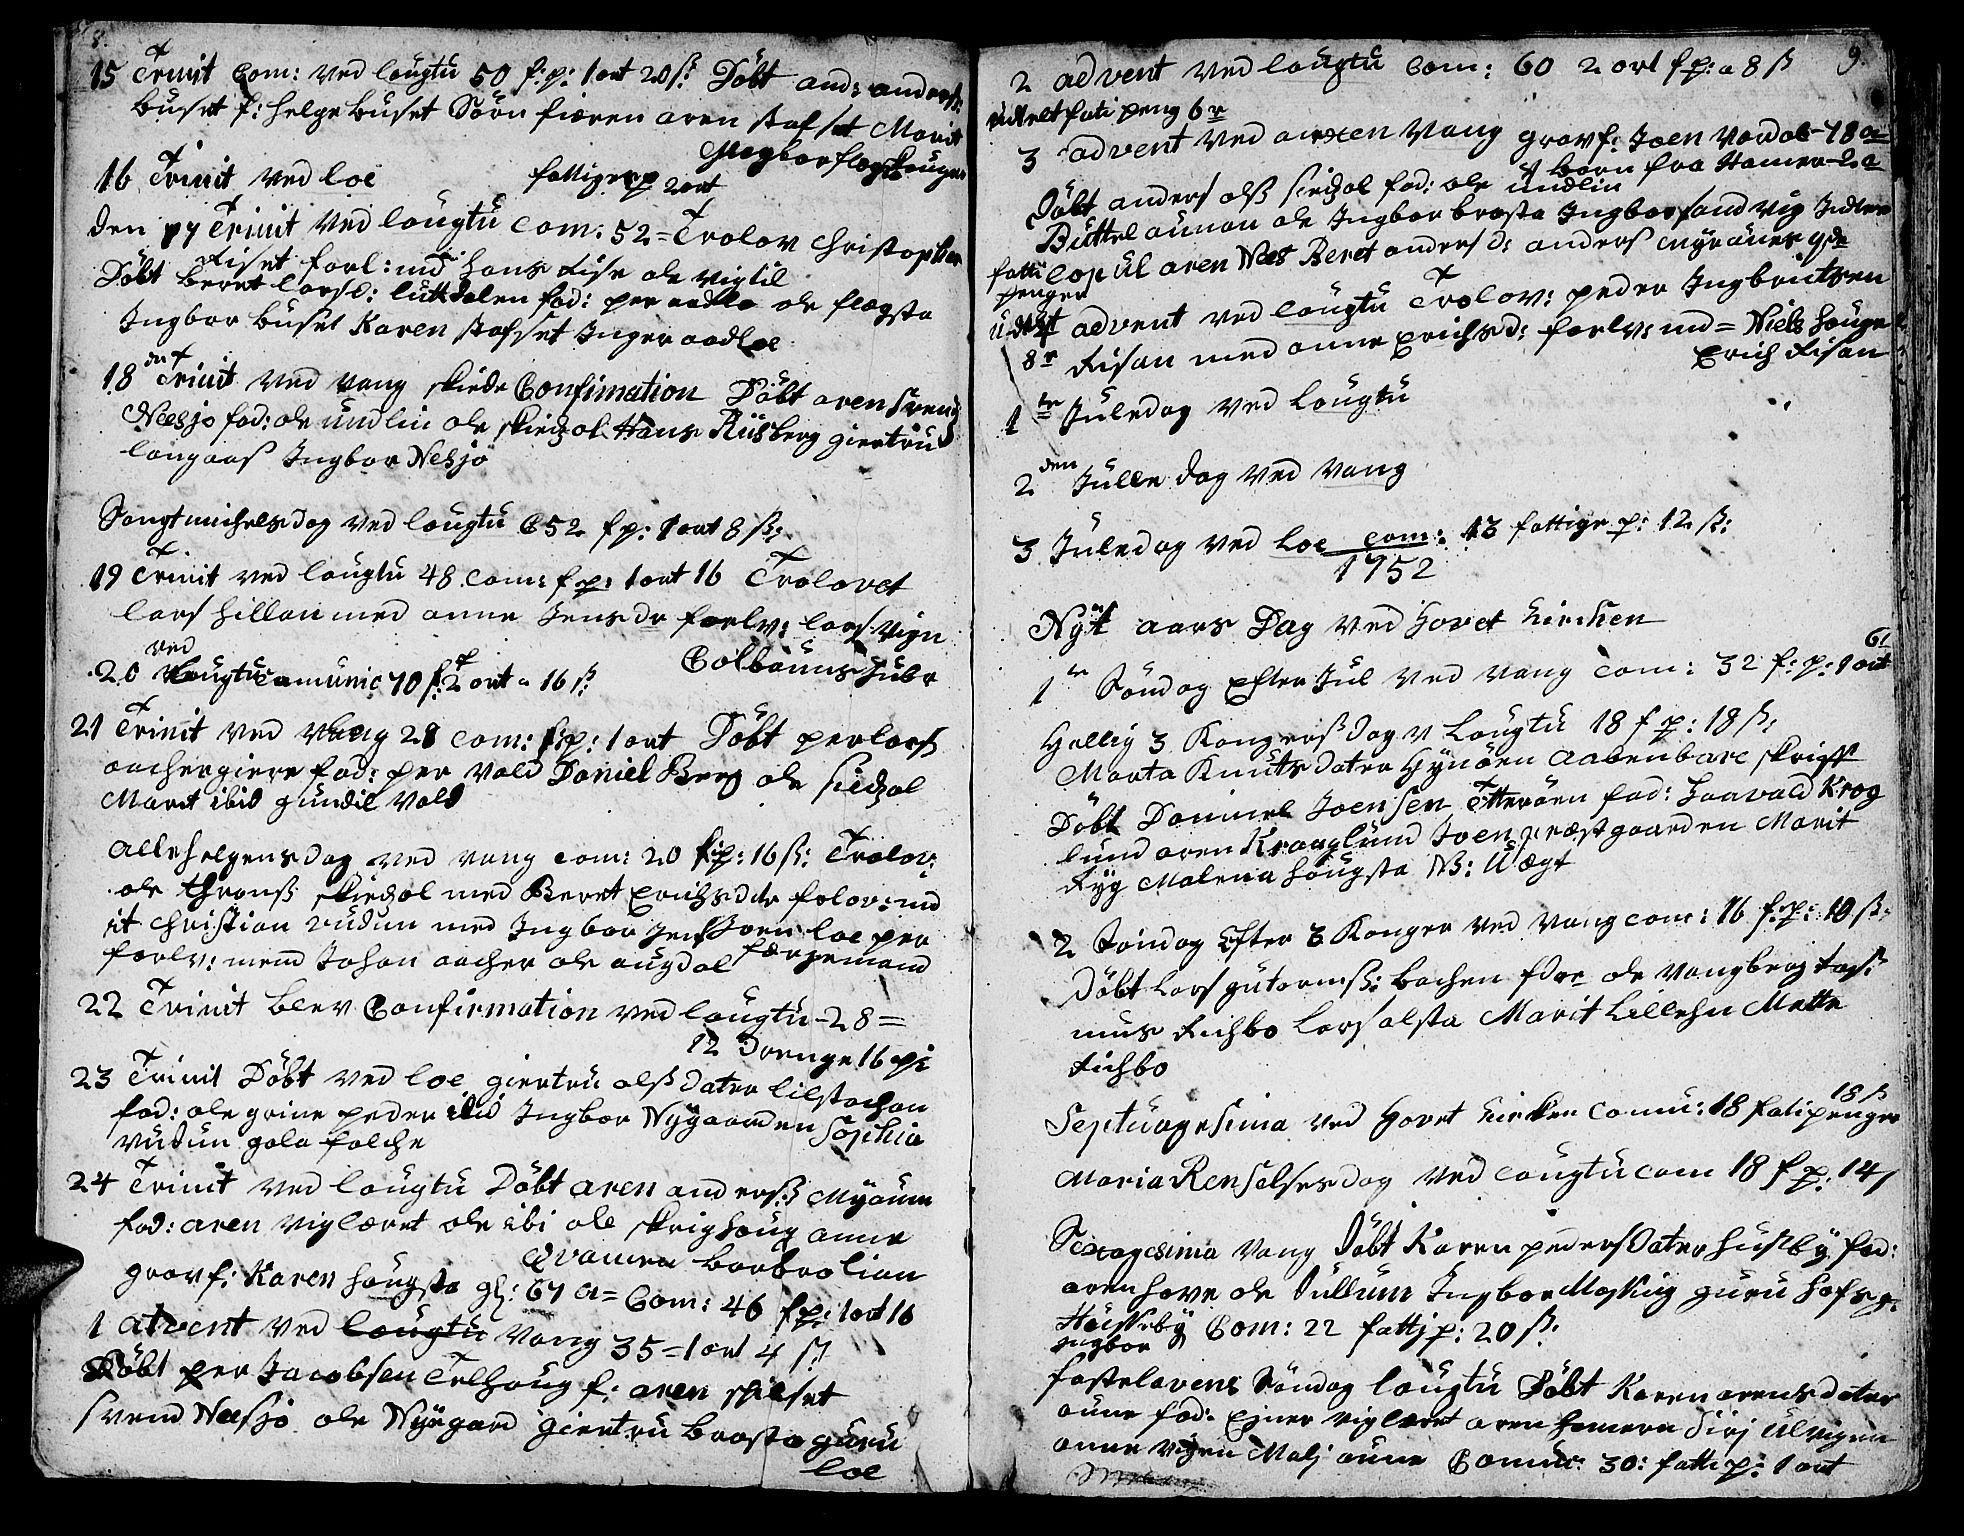 SAT, Ministerialprotokoller, klokkerbøker og fødselsregistre - Nord-Trøndelag, 713/L0109: Ministerialbok nr. 713A01, 1750-1778, s. 8-9